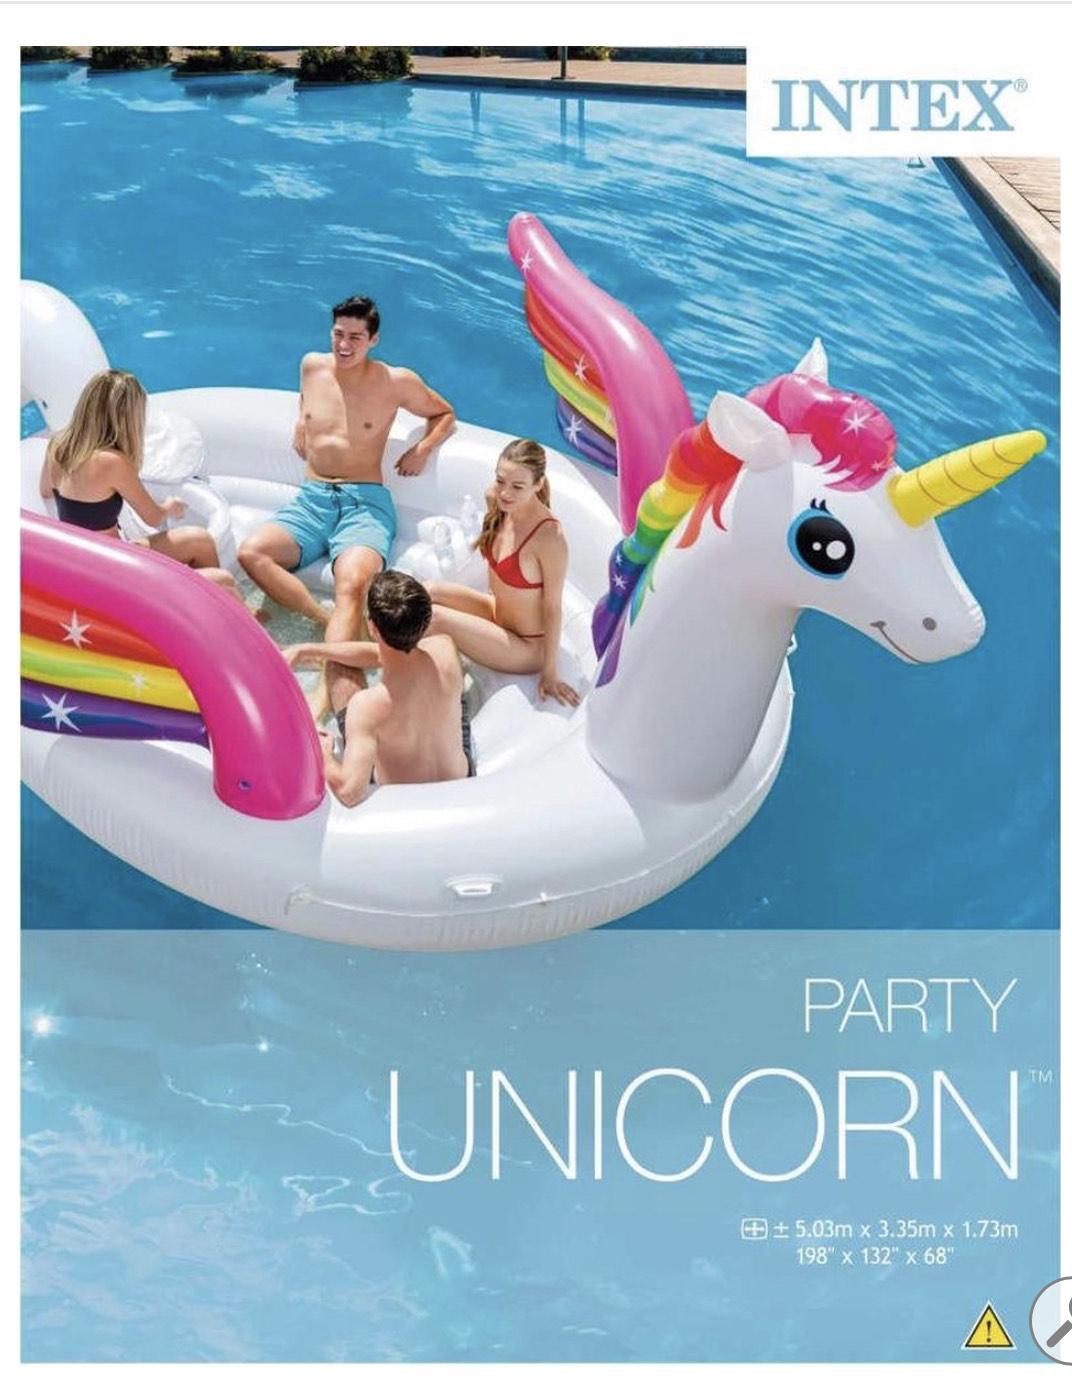 Intex luchtbed eiland unicorn @Bol.com